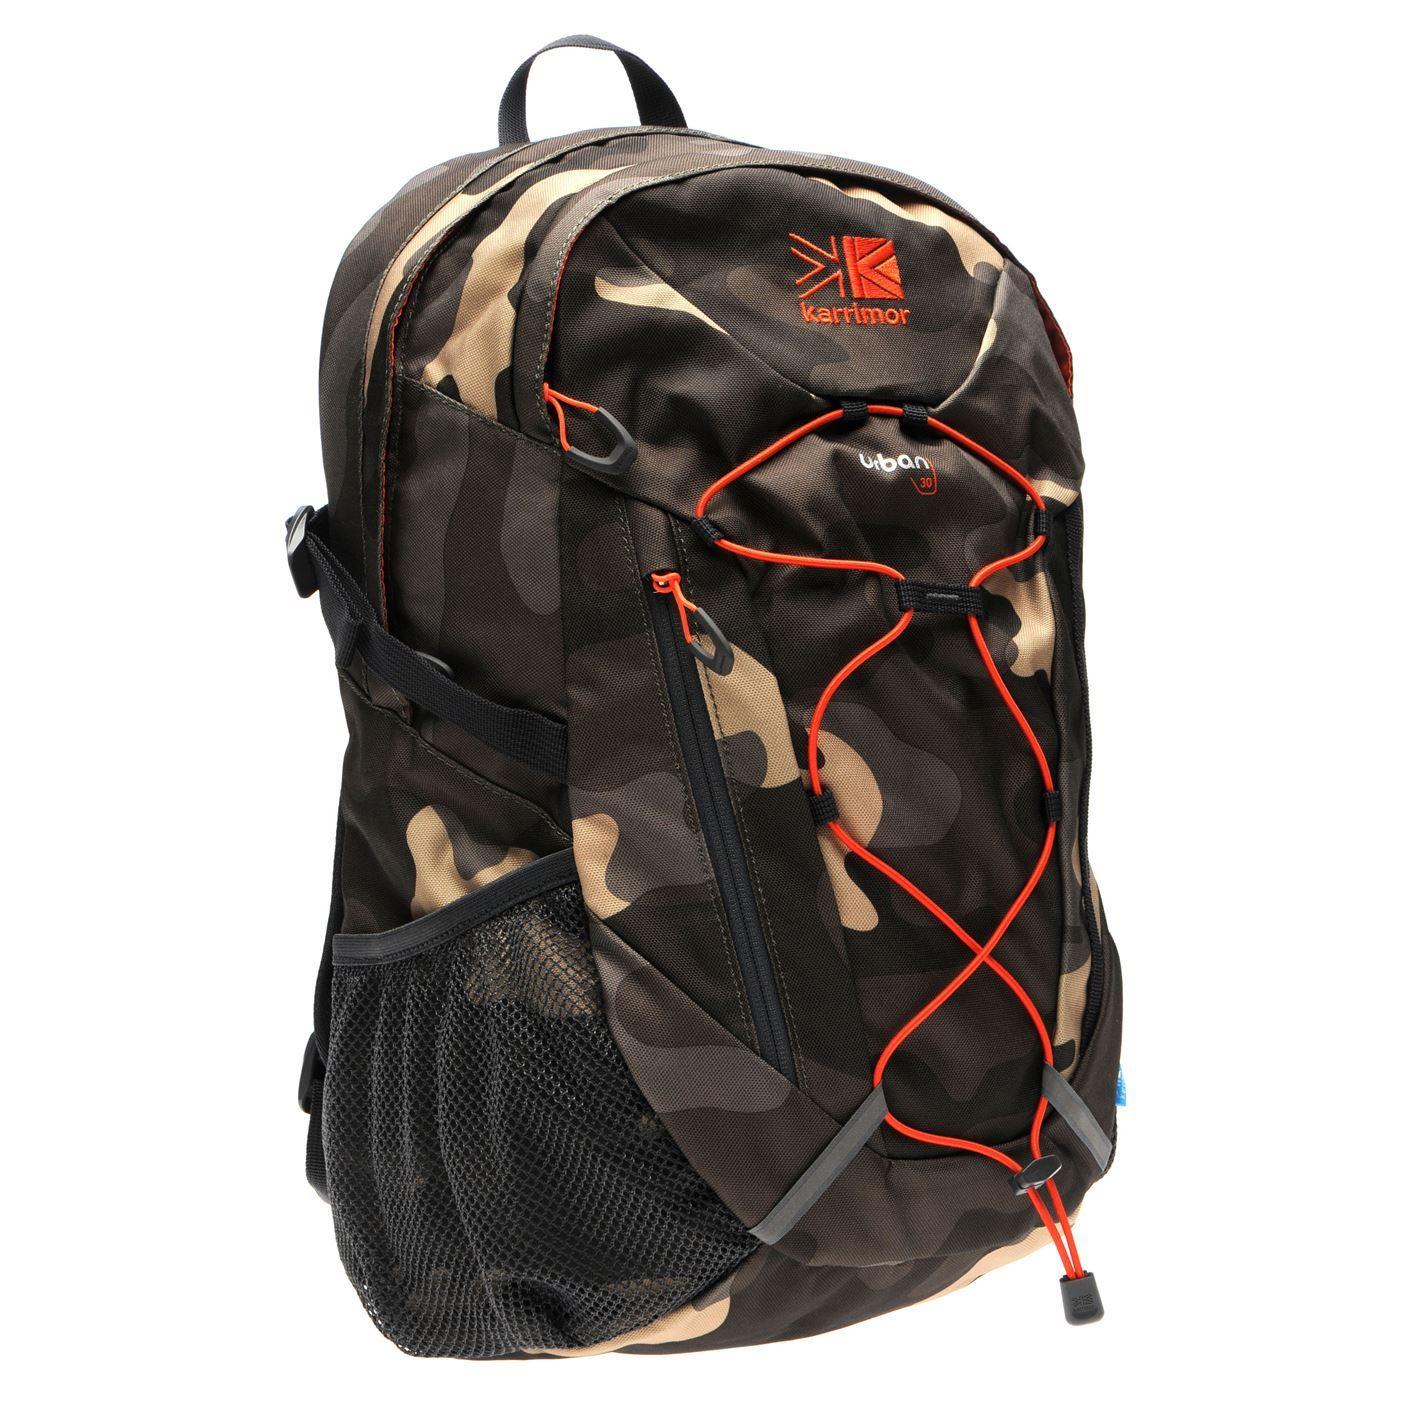 9c294a0c90 Karrimor Urban 30 Litre Rucksack Camouflage Orange Bag Backpack Carryall